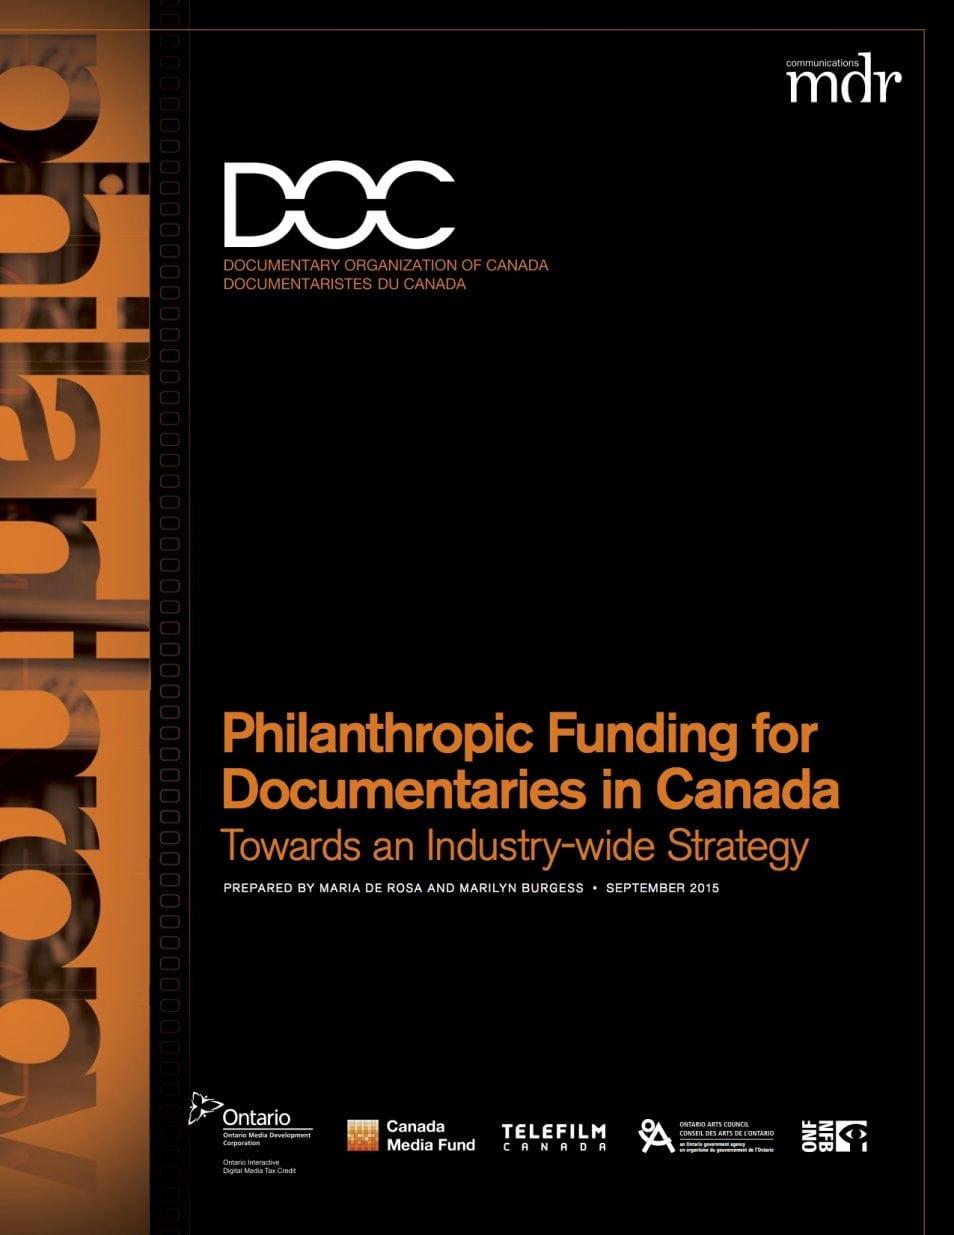 philanthropic-funding-documentaries-canada